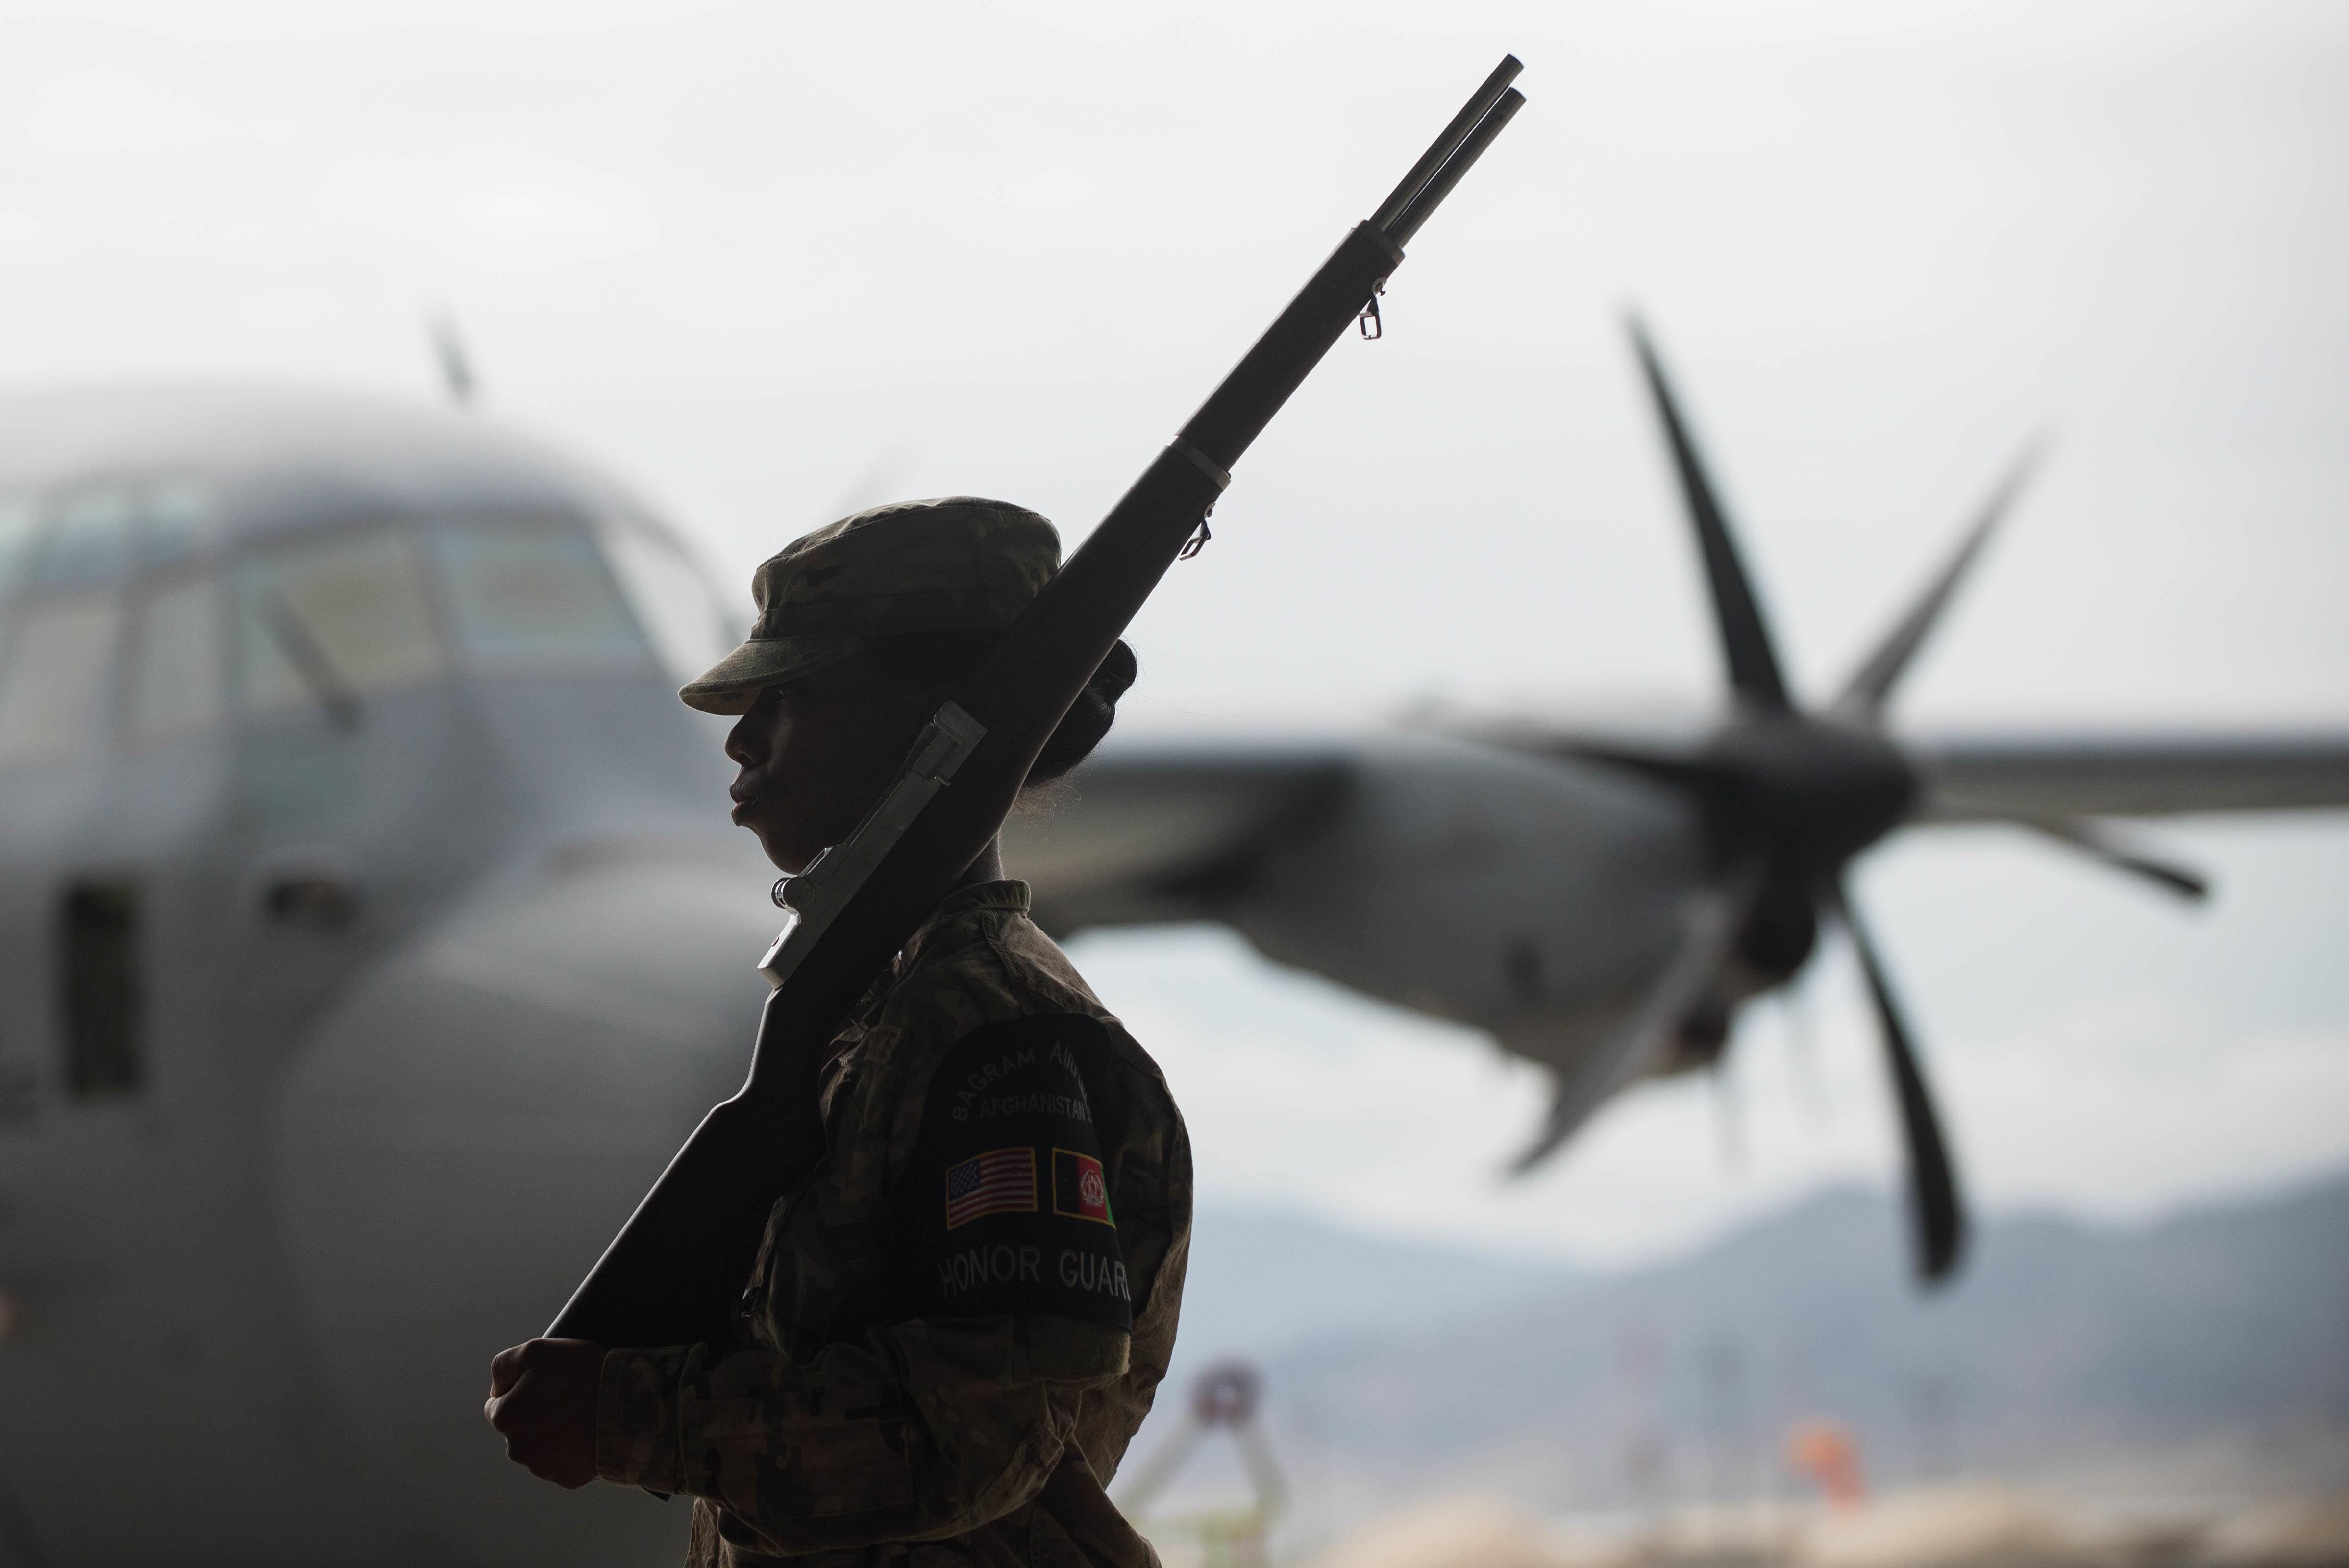 Nonsense! Femal naked marine afghanistan